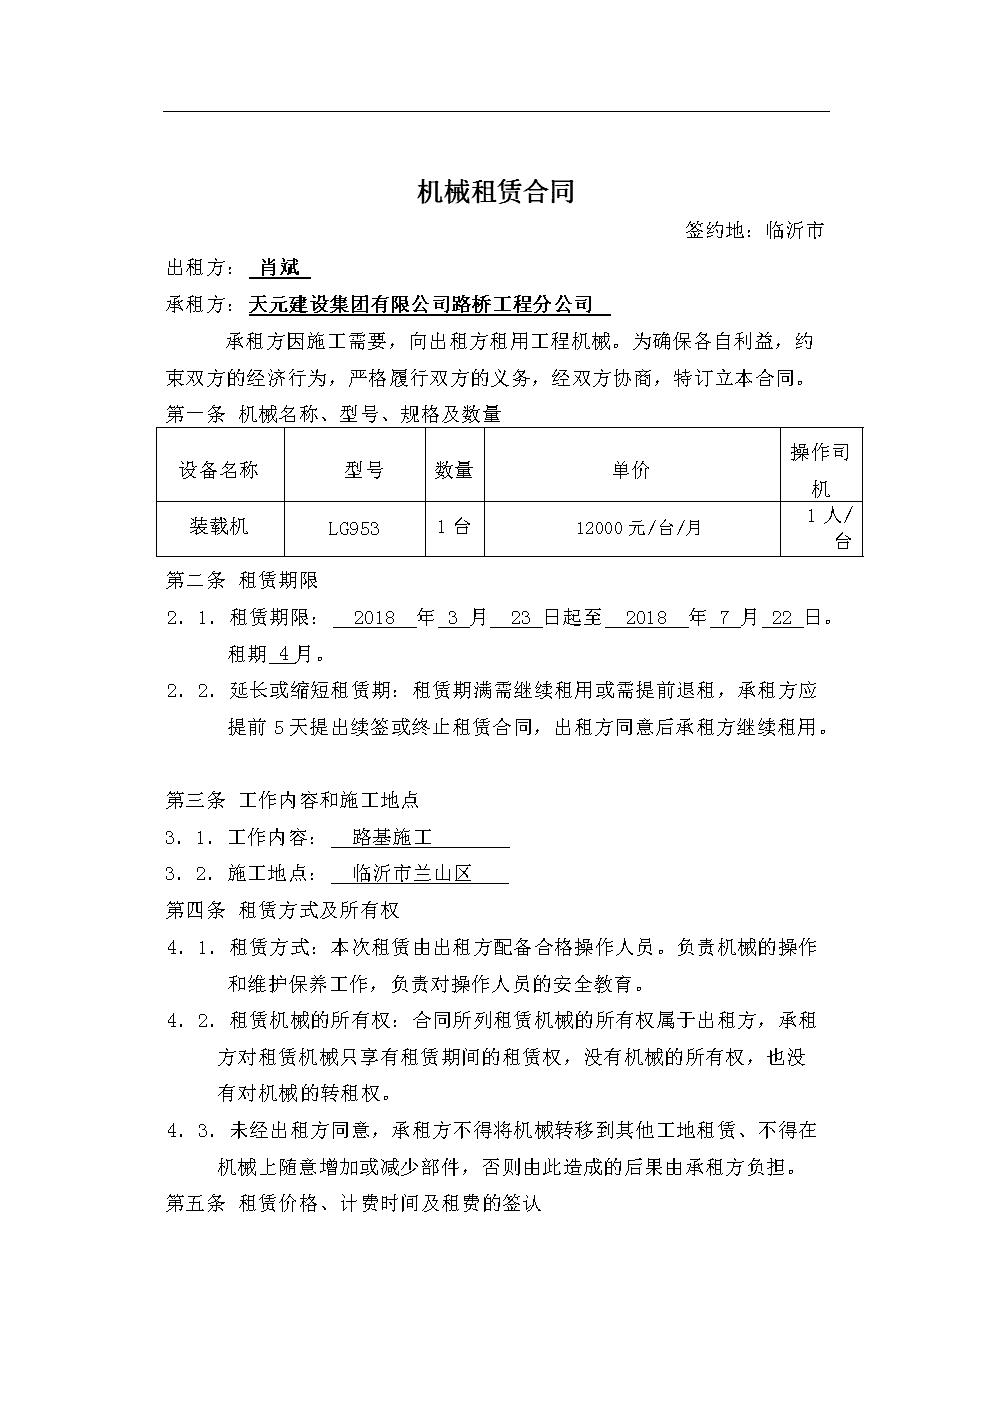 机械租赁合同版本.doc